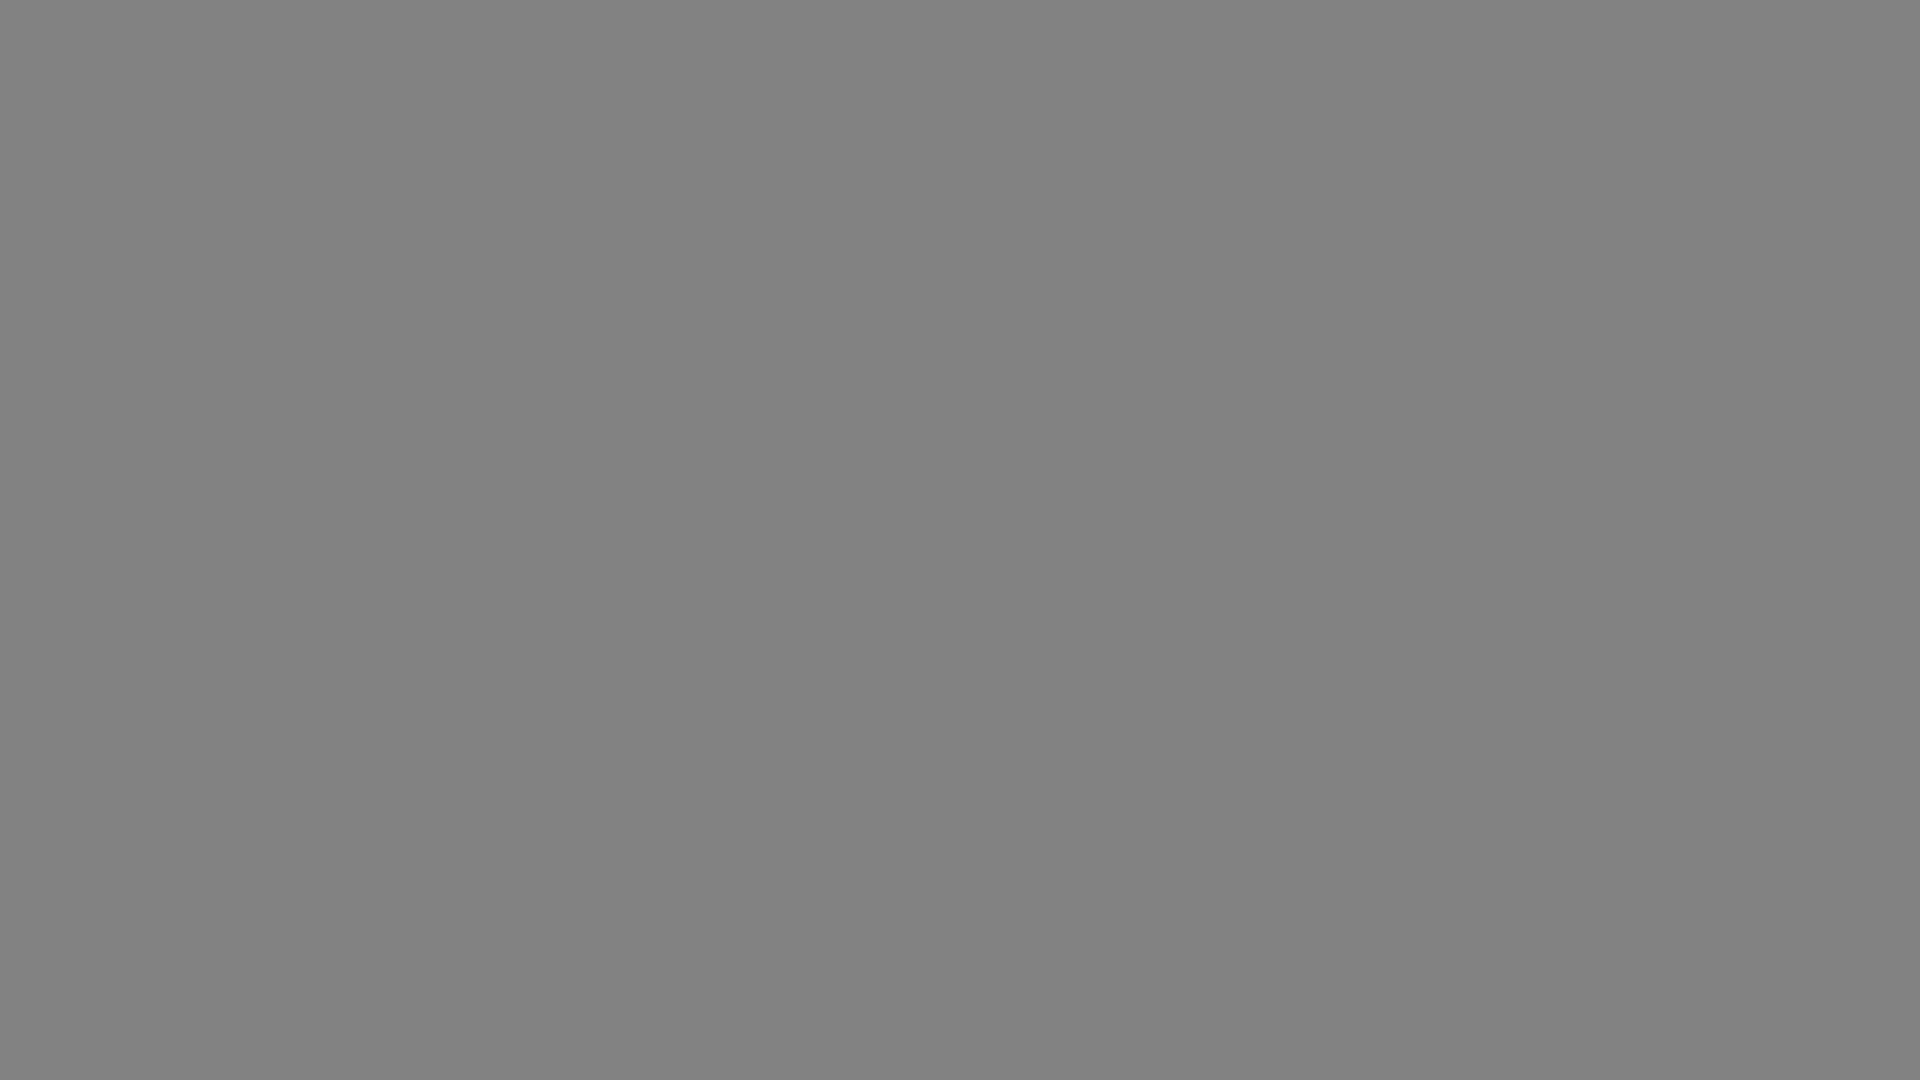 【10 部动漫推介】穿越异世界龙傲天战斗动漫看了之后会很爽